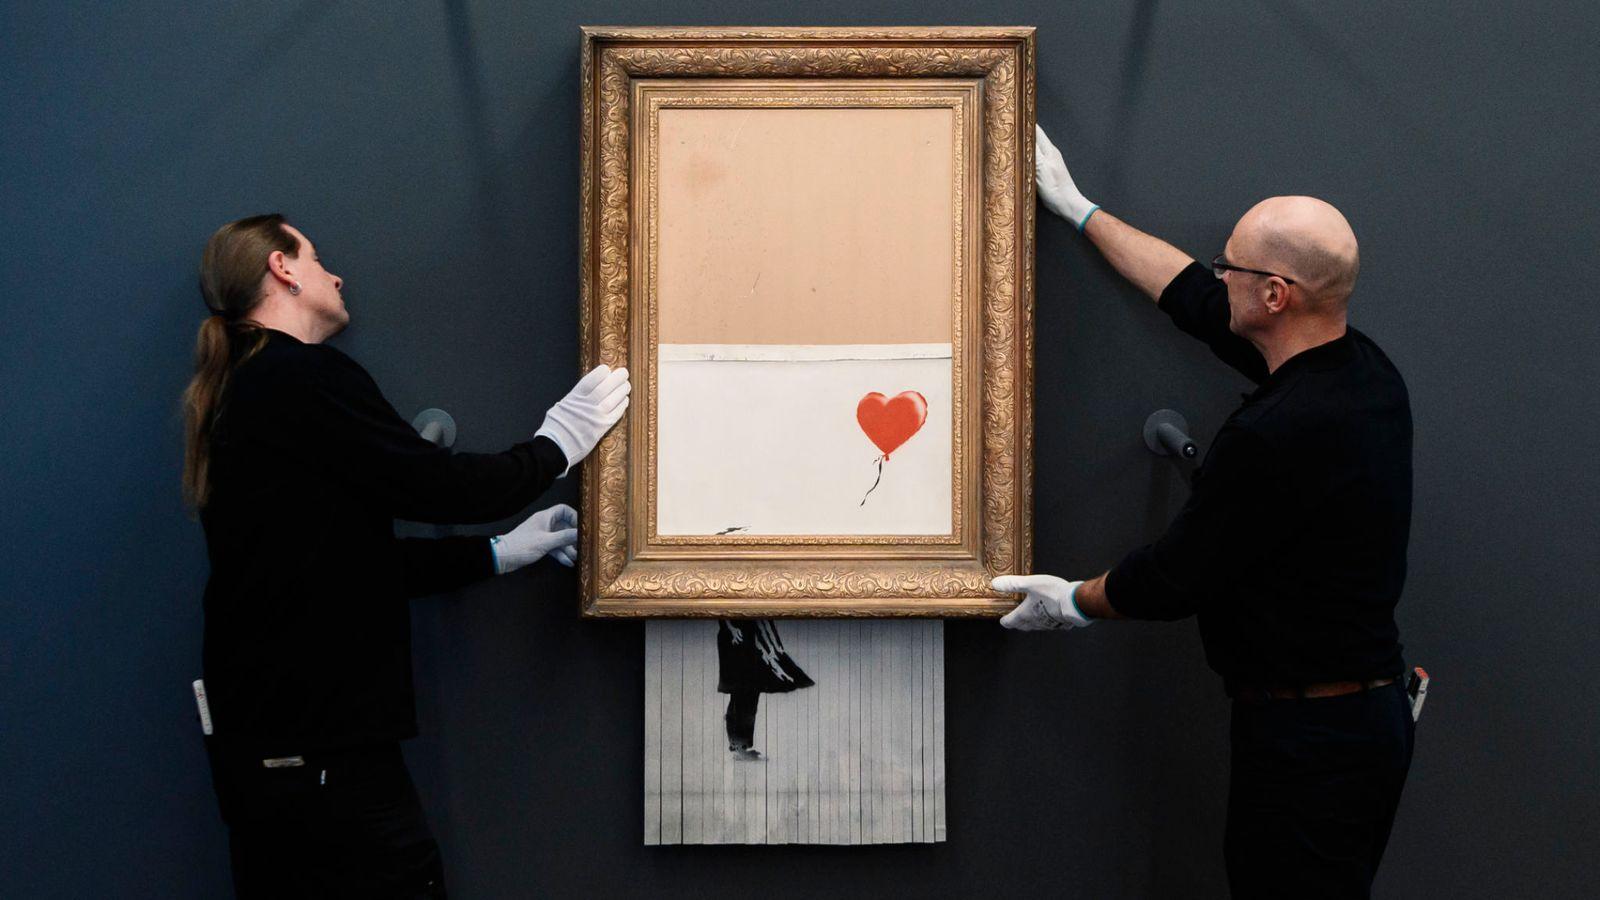 نقاشی «دختری با بادکنک» بنکسی بار دیگر در معرض دید علاقمندان قرار گرفت